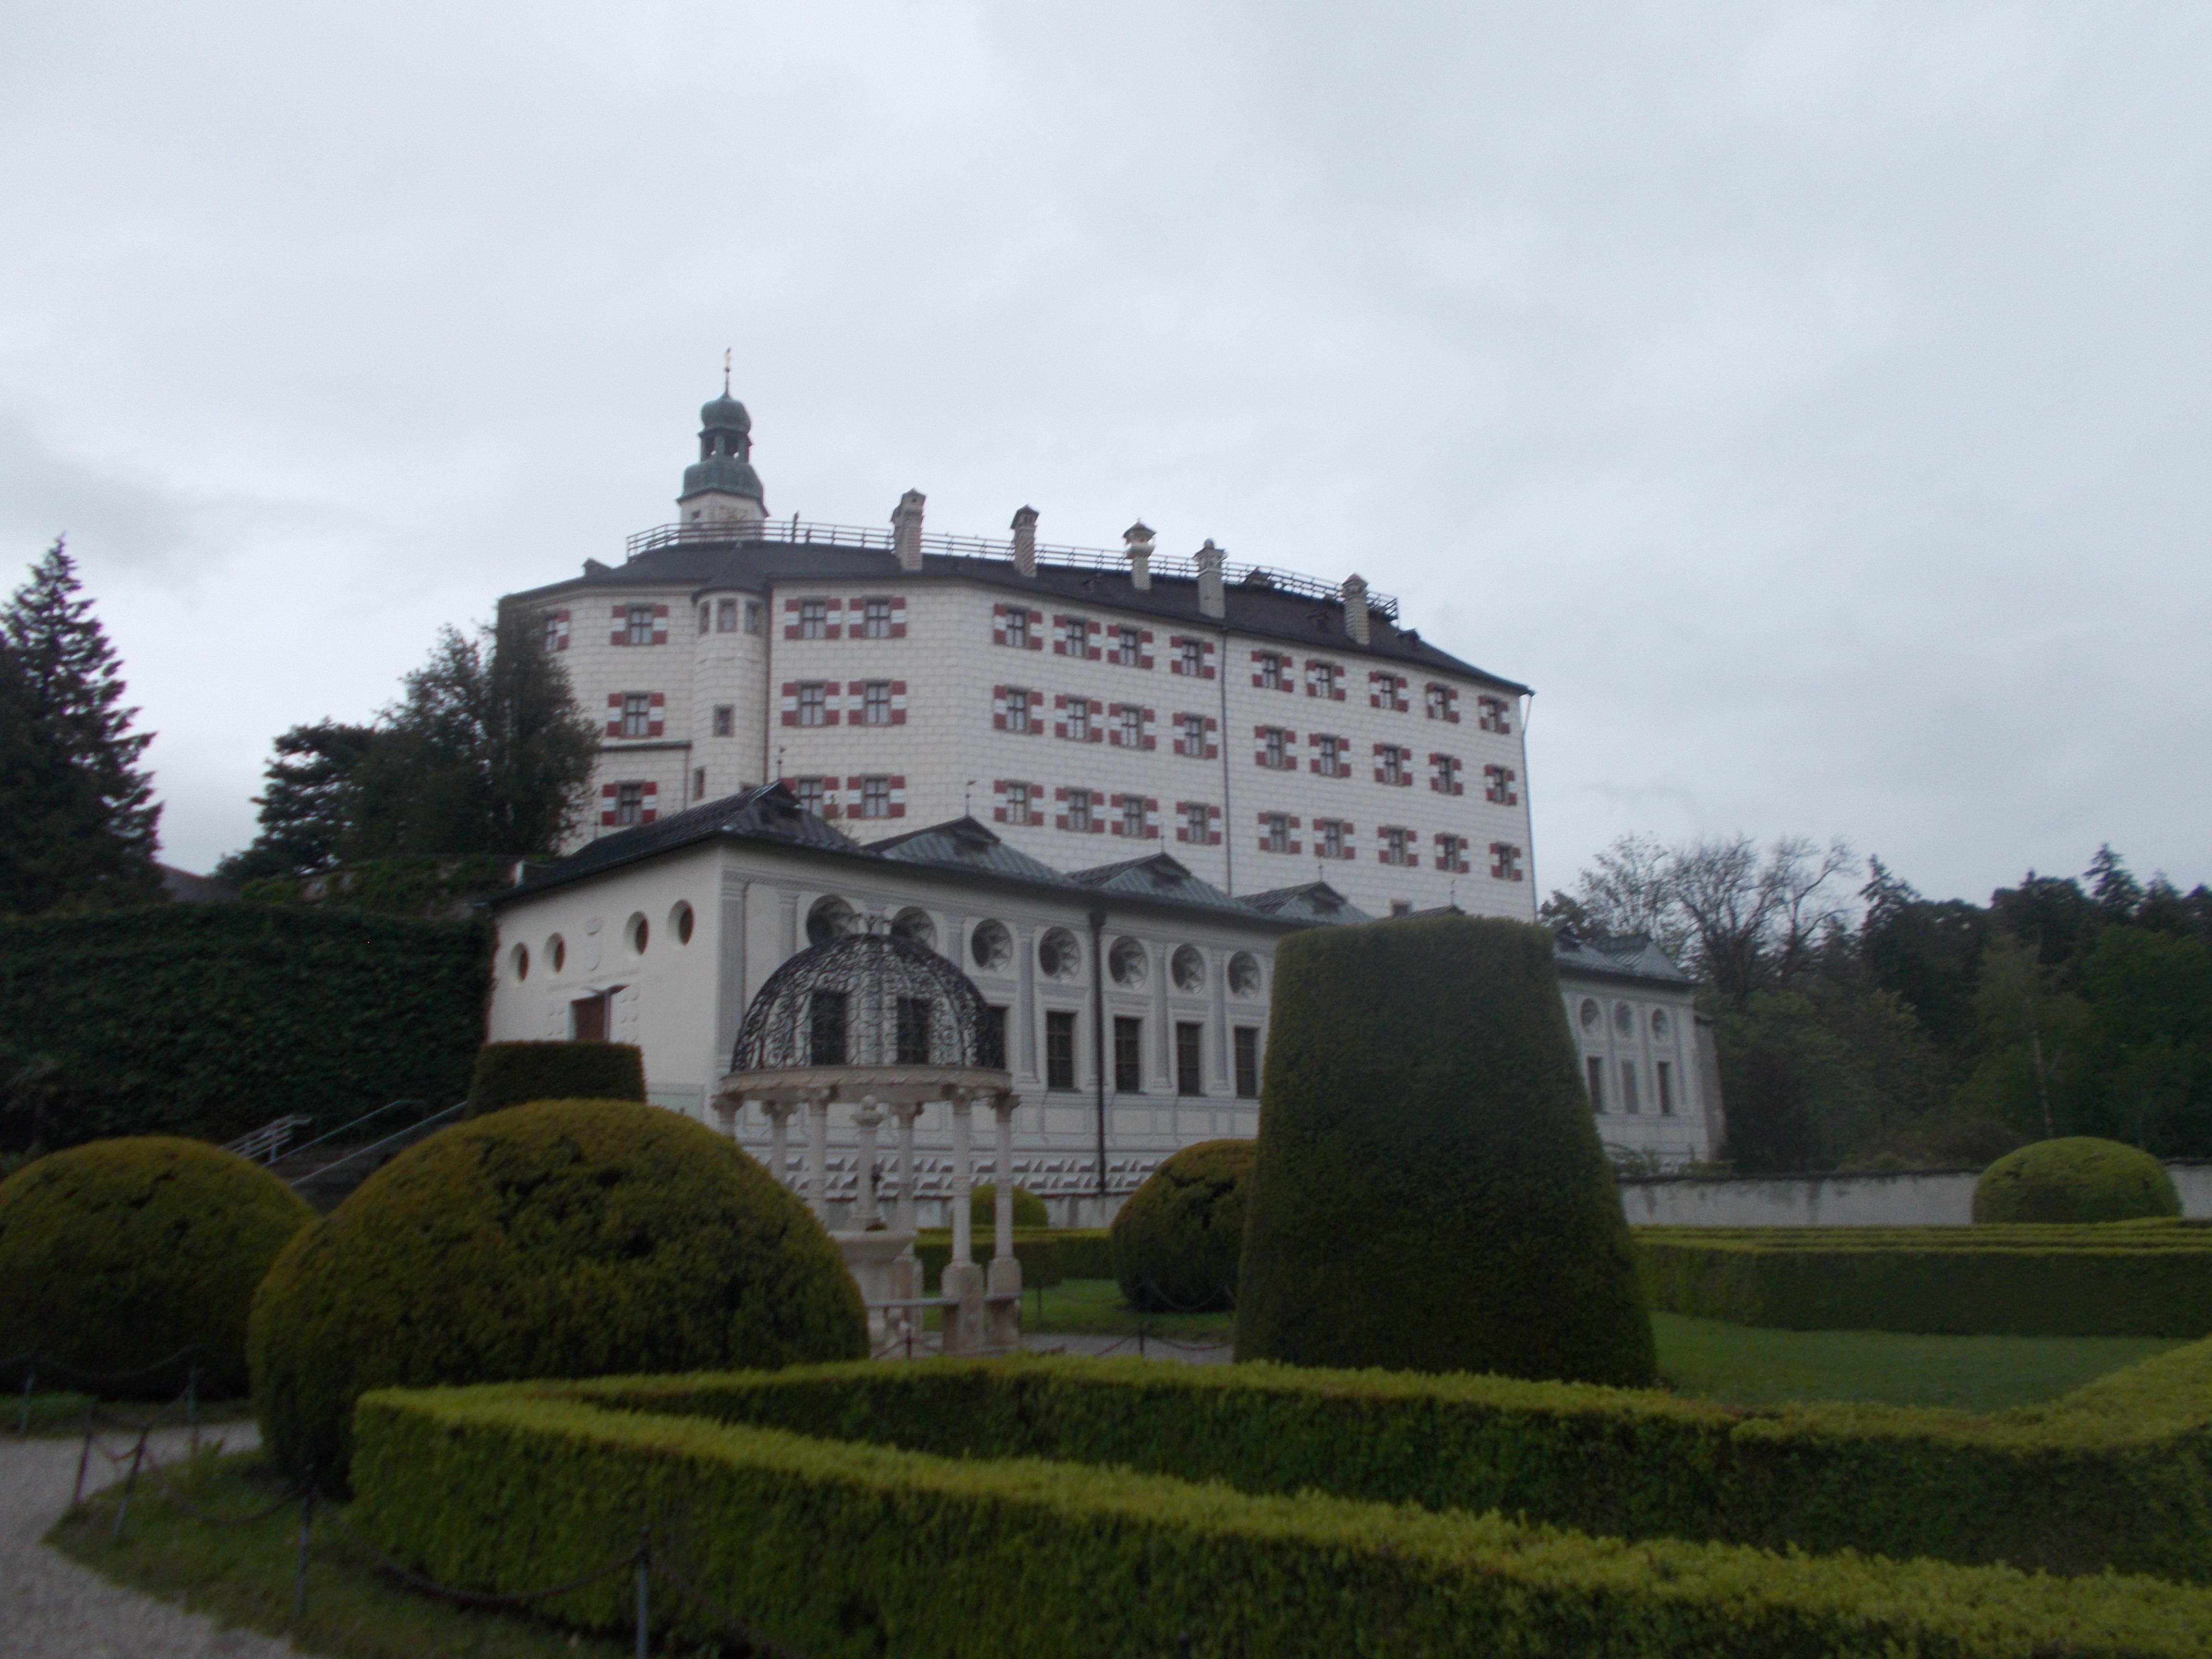 Sindelsdorf to Innsbruck